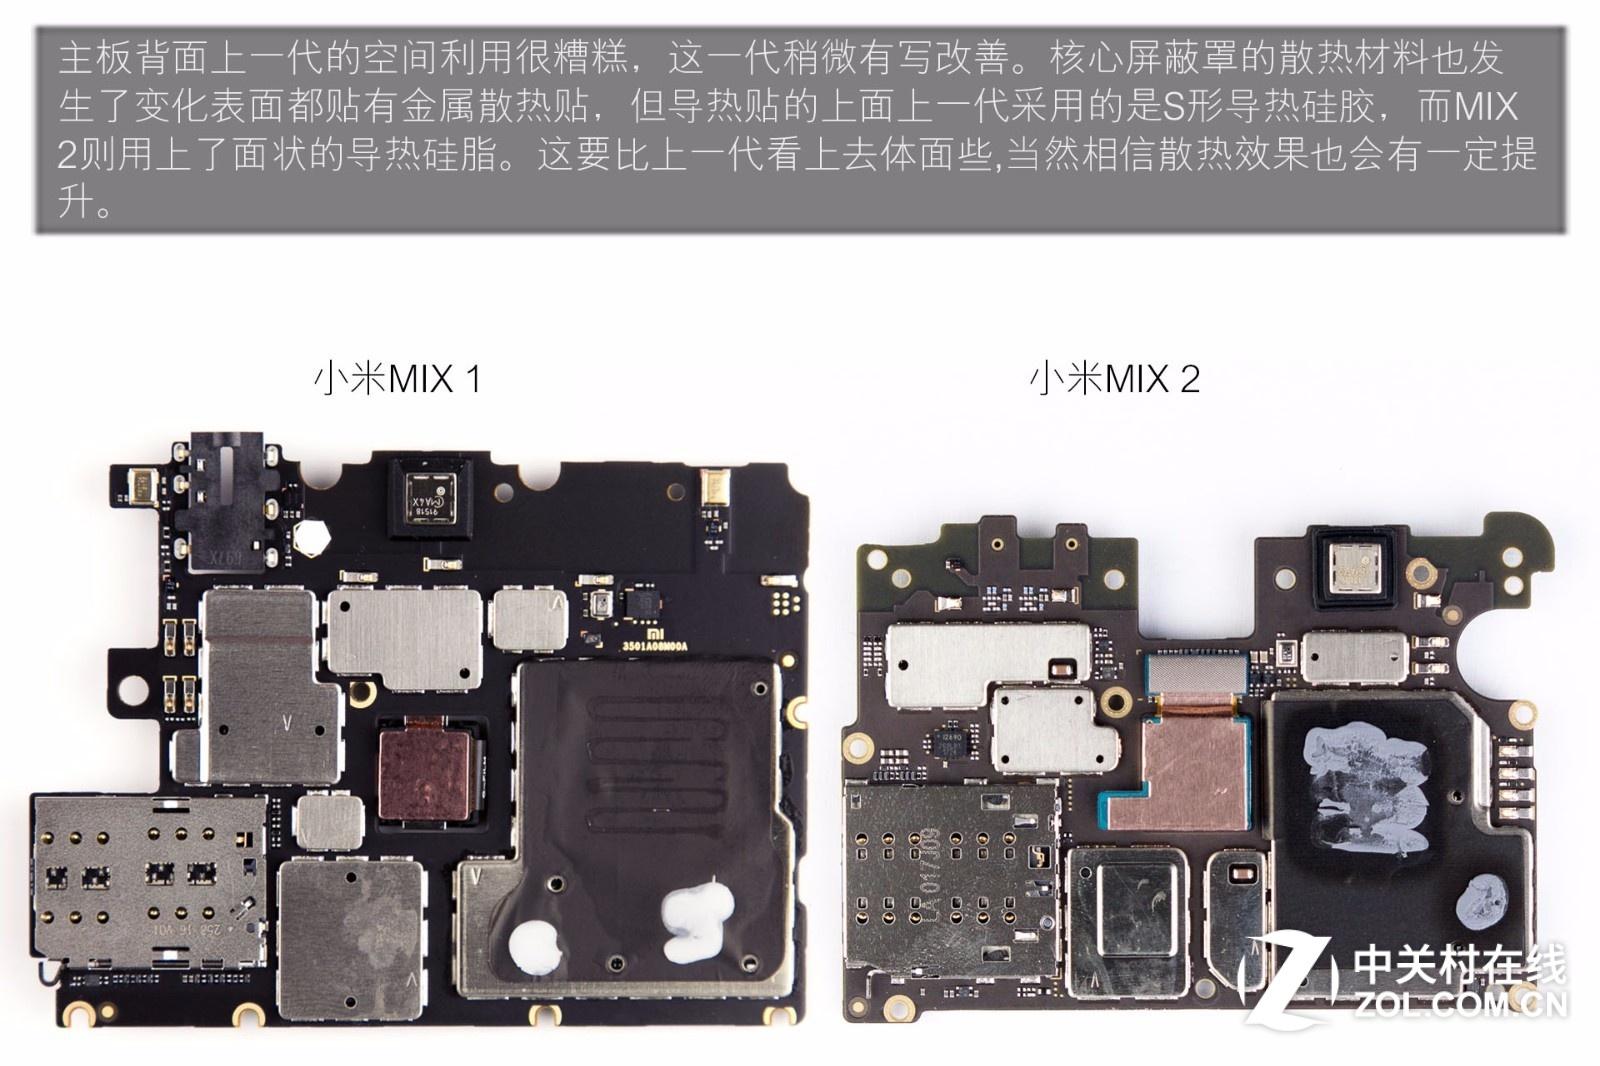 Xiaomi Mi MIX 2 Teardown - MyFixGuide.com